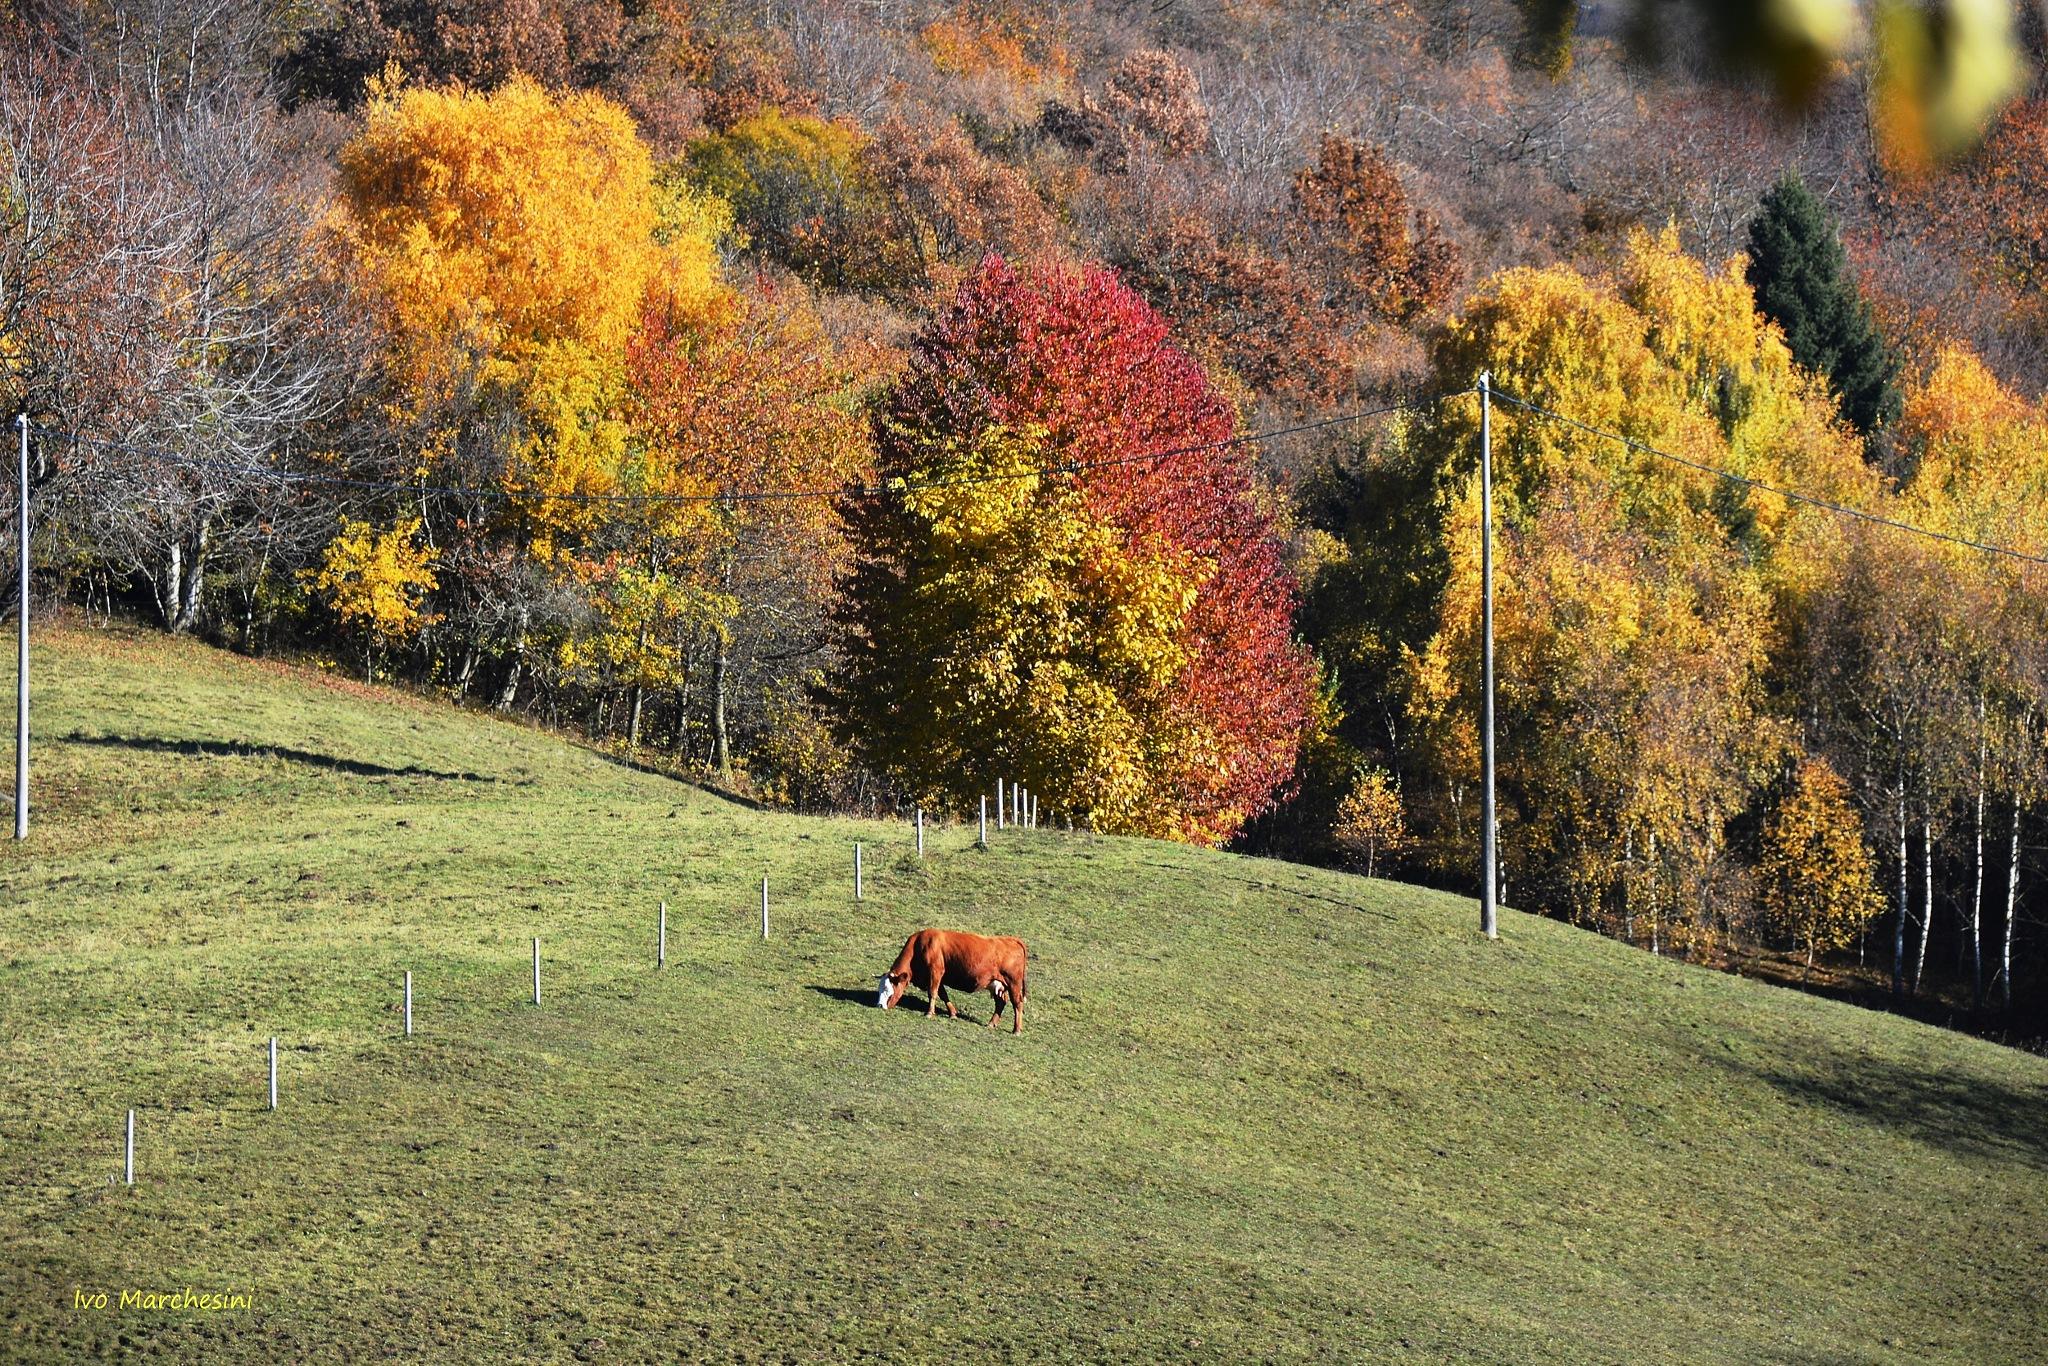 I colori dell'autunno by ivomarkes